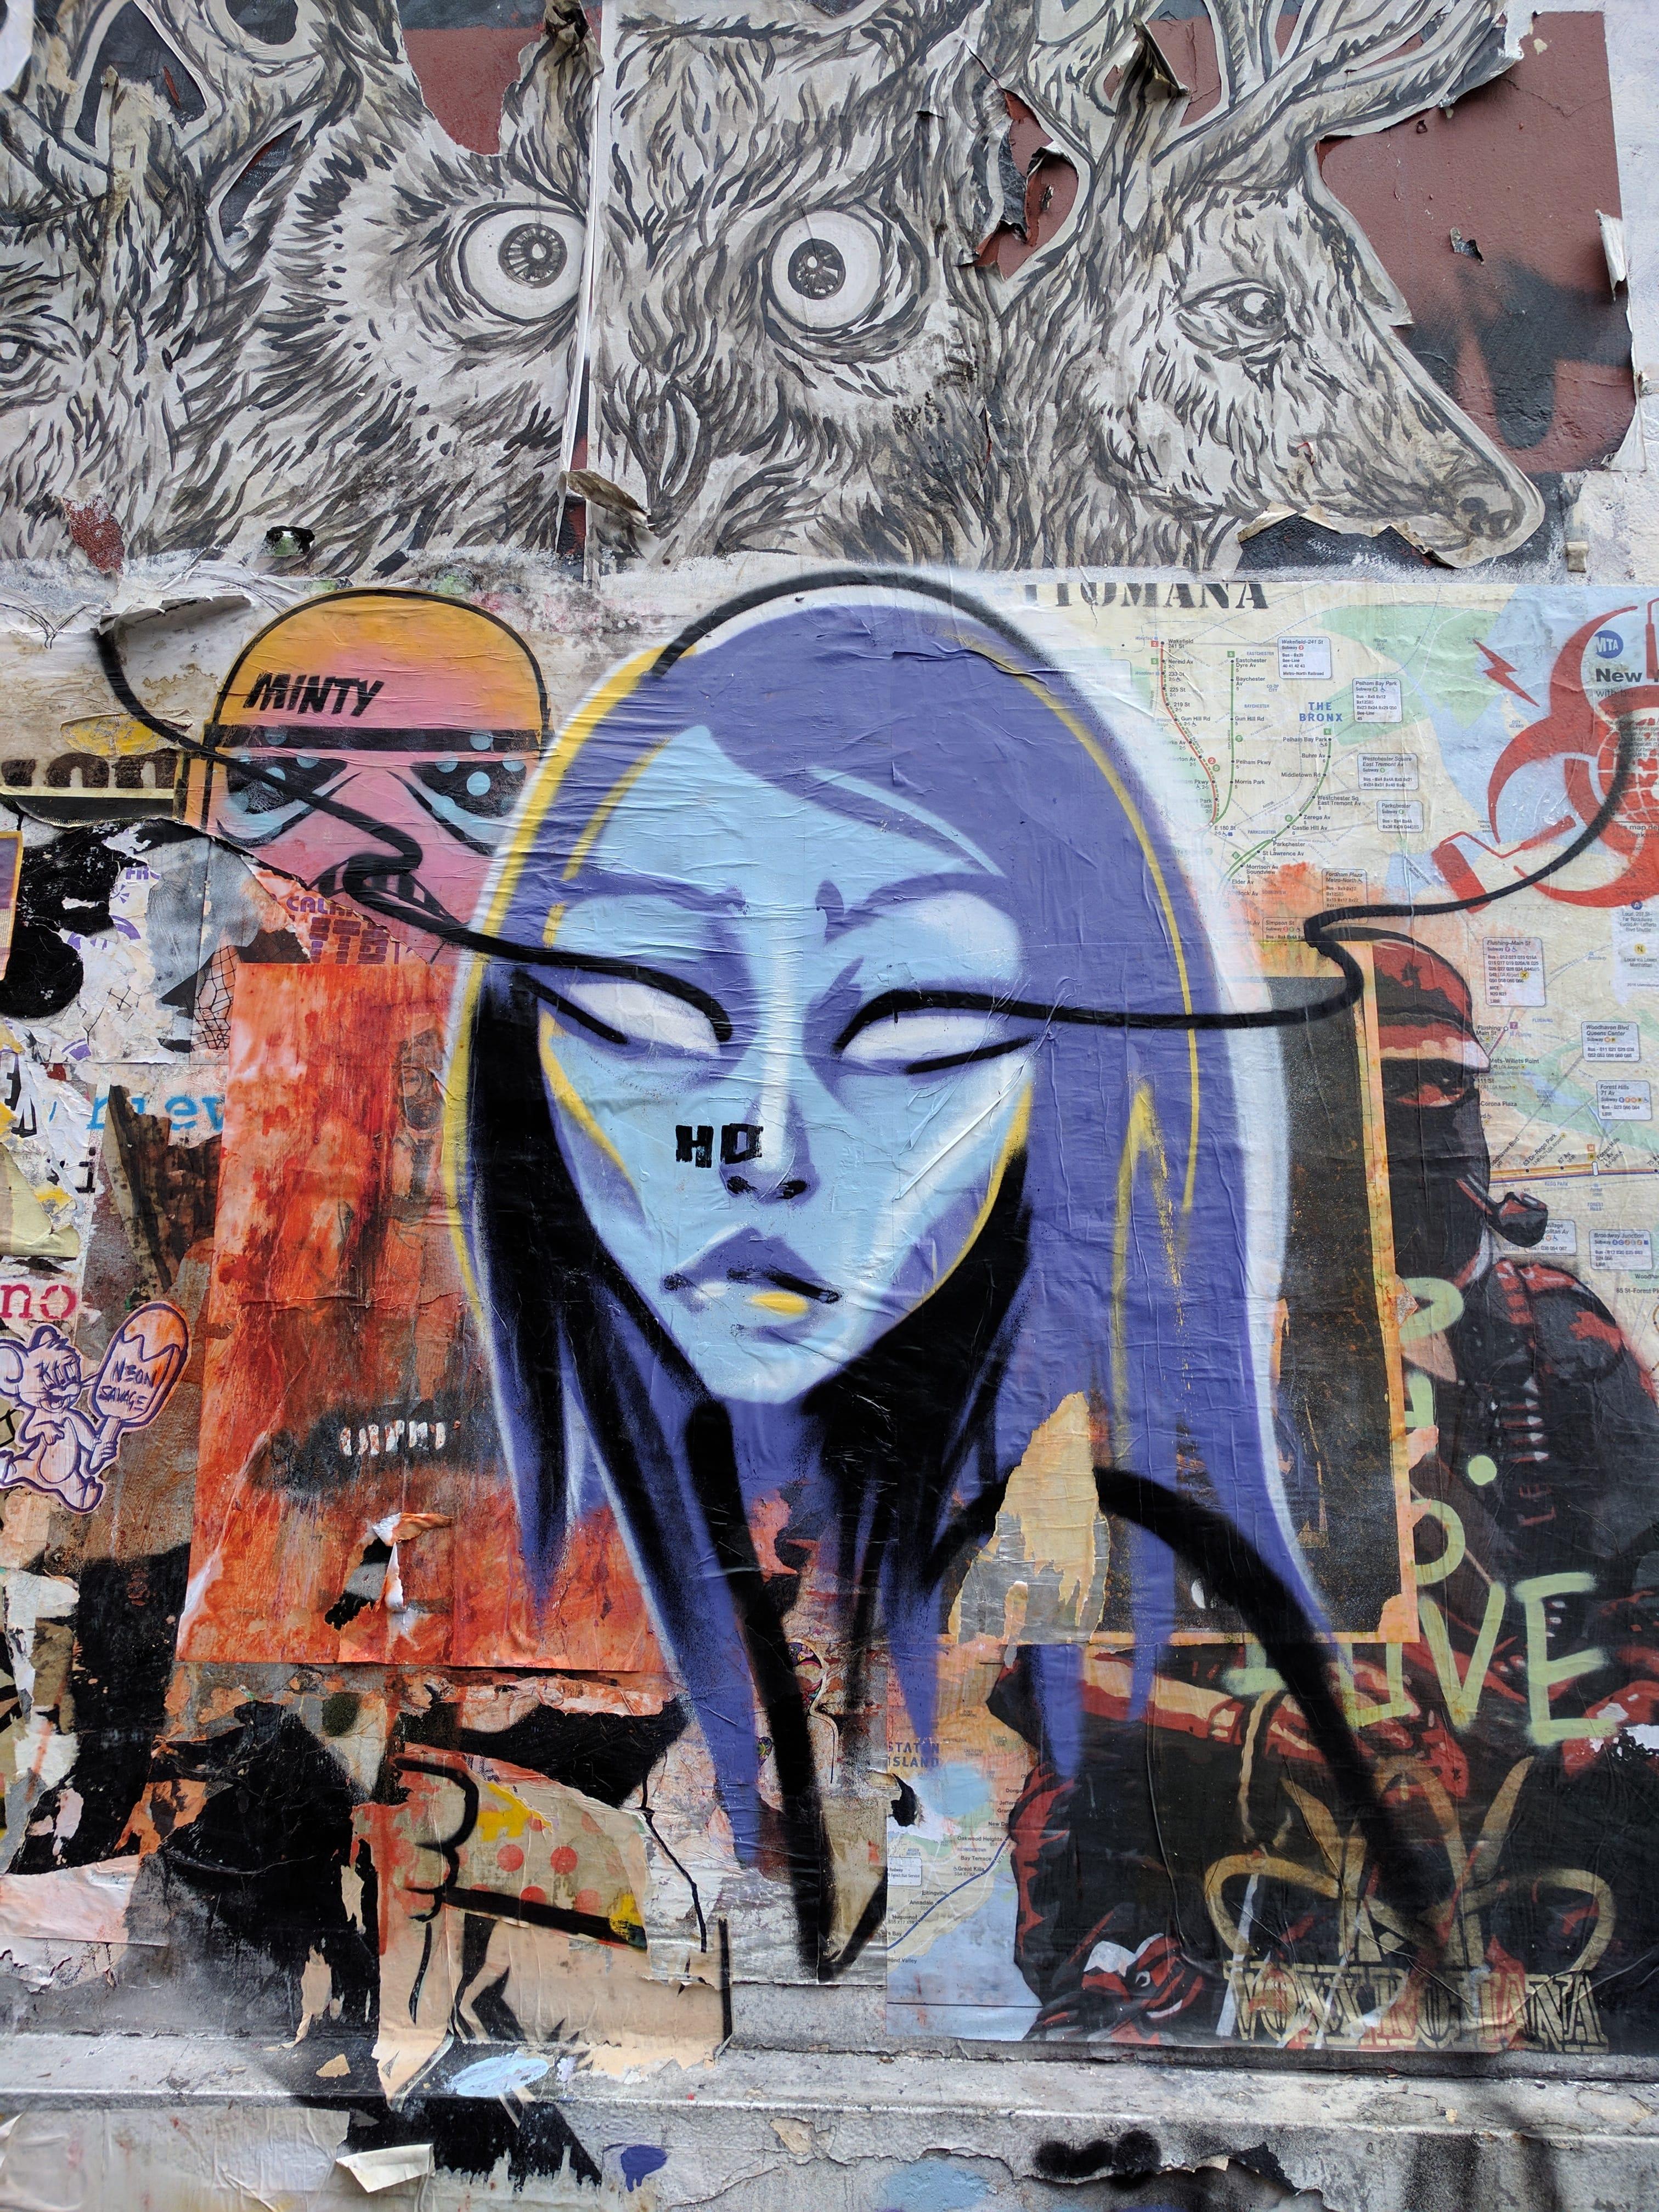 099-graffiti17